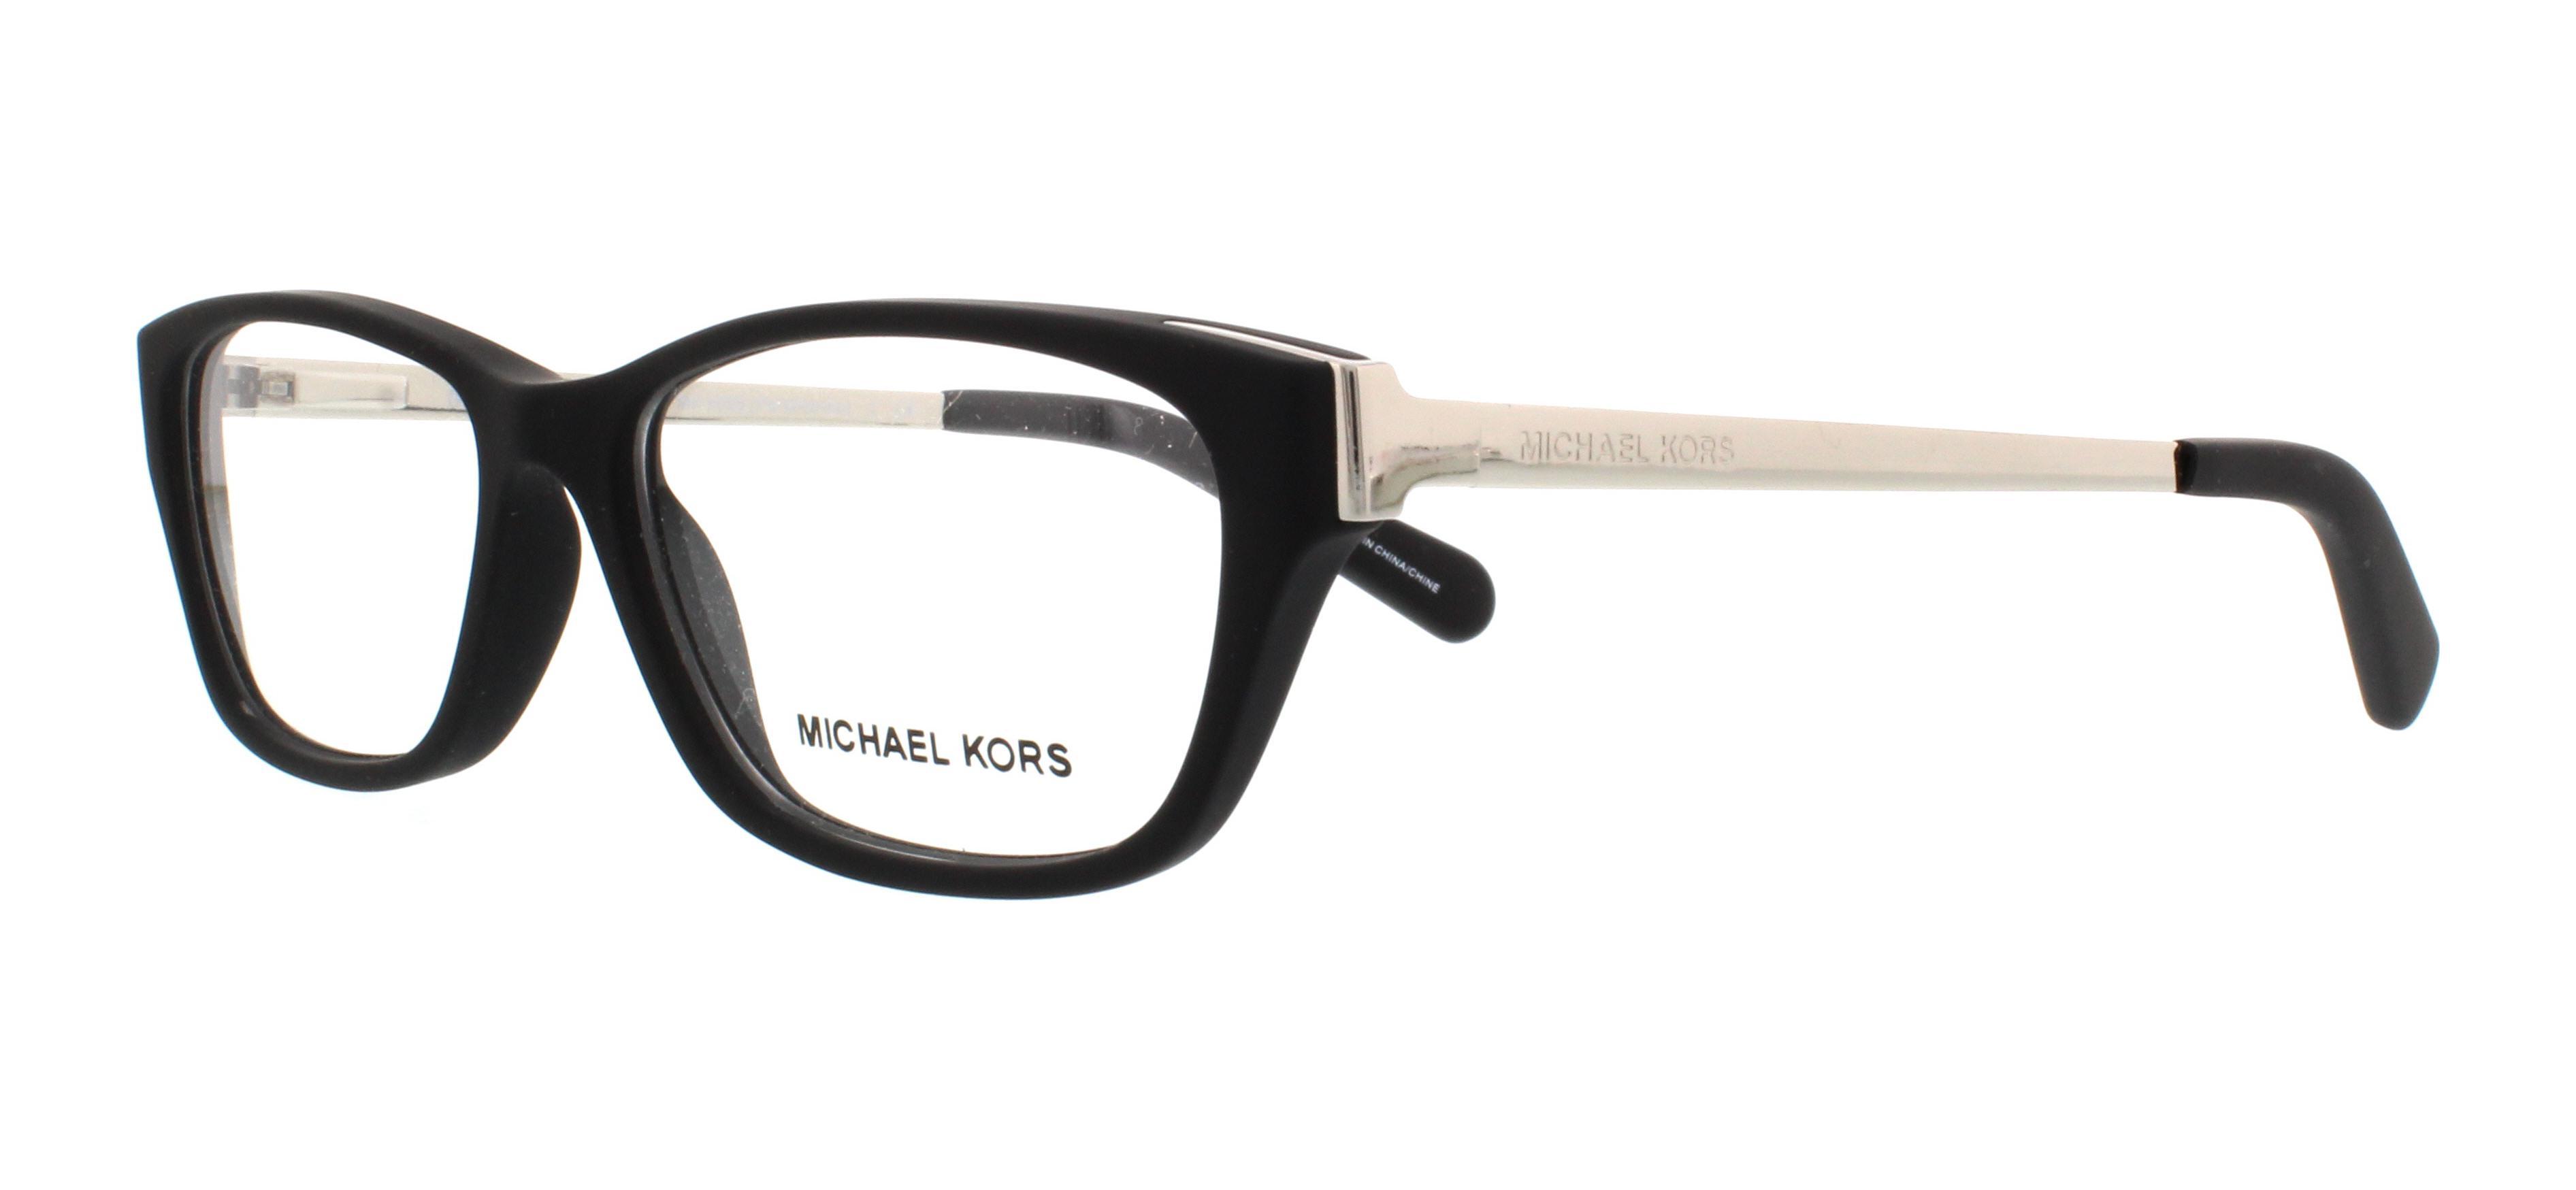 Designer Frames Outlet. Michael Kors MK8009